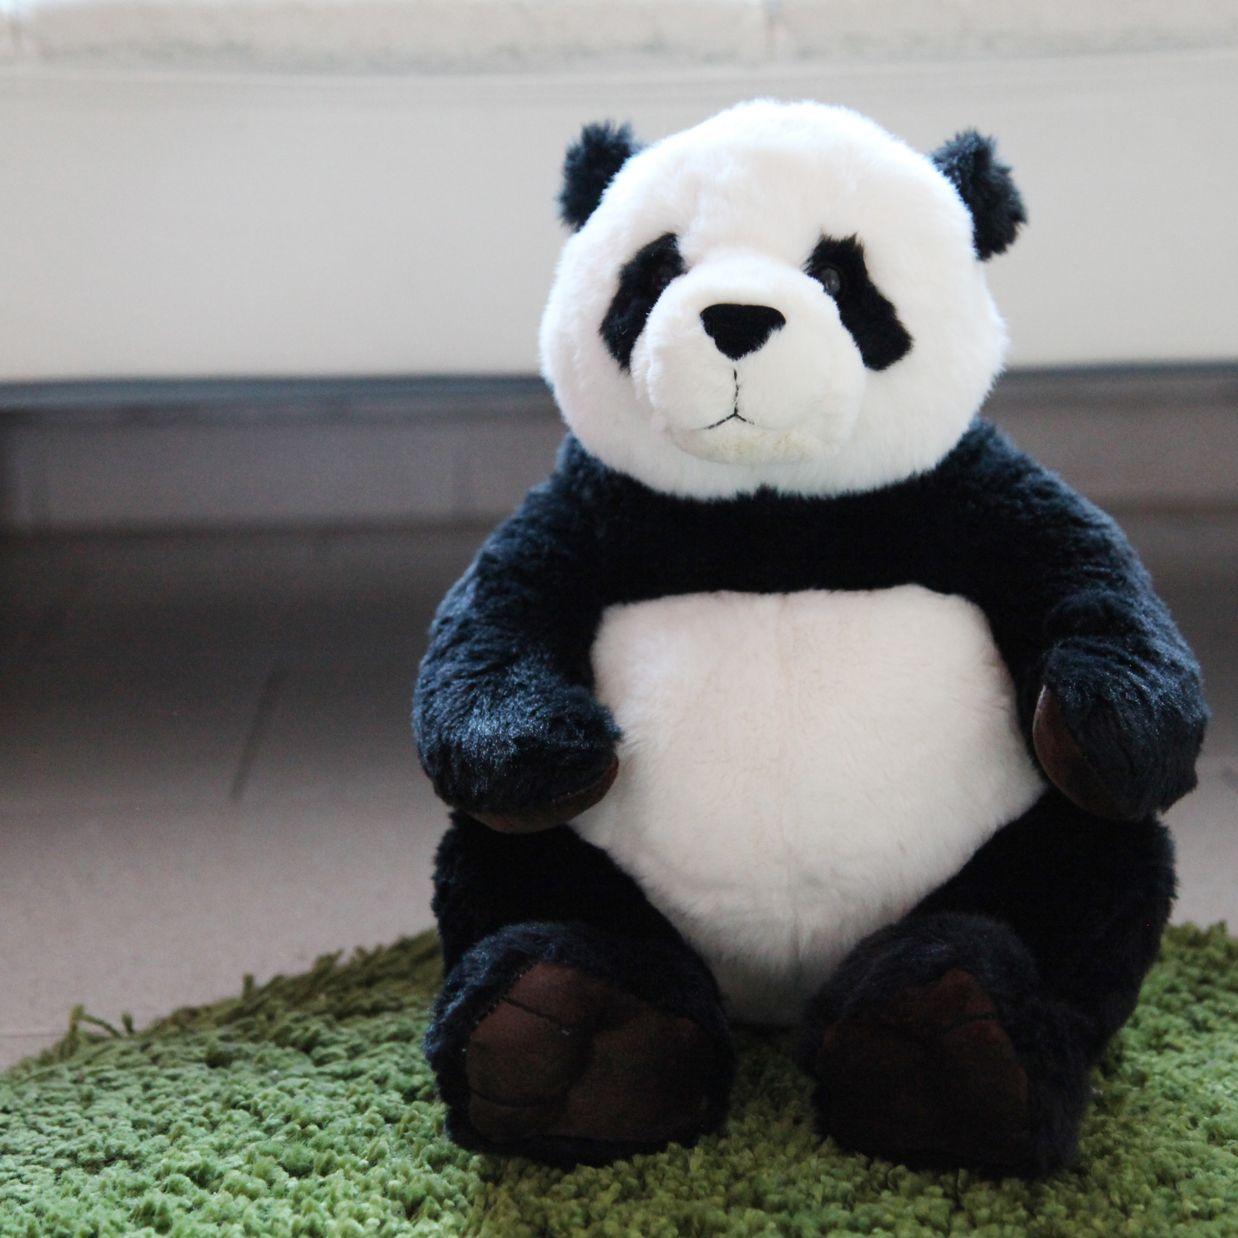 oso panda de peluche de la marca keel toys de extrema suavidad te encantar por su ternura y. Black Bedroom Furniture Sets. Home Design Ideas